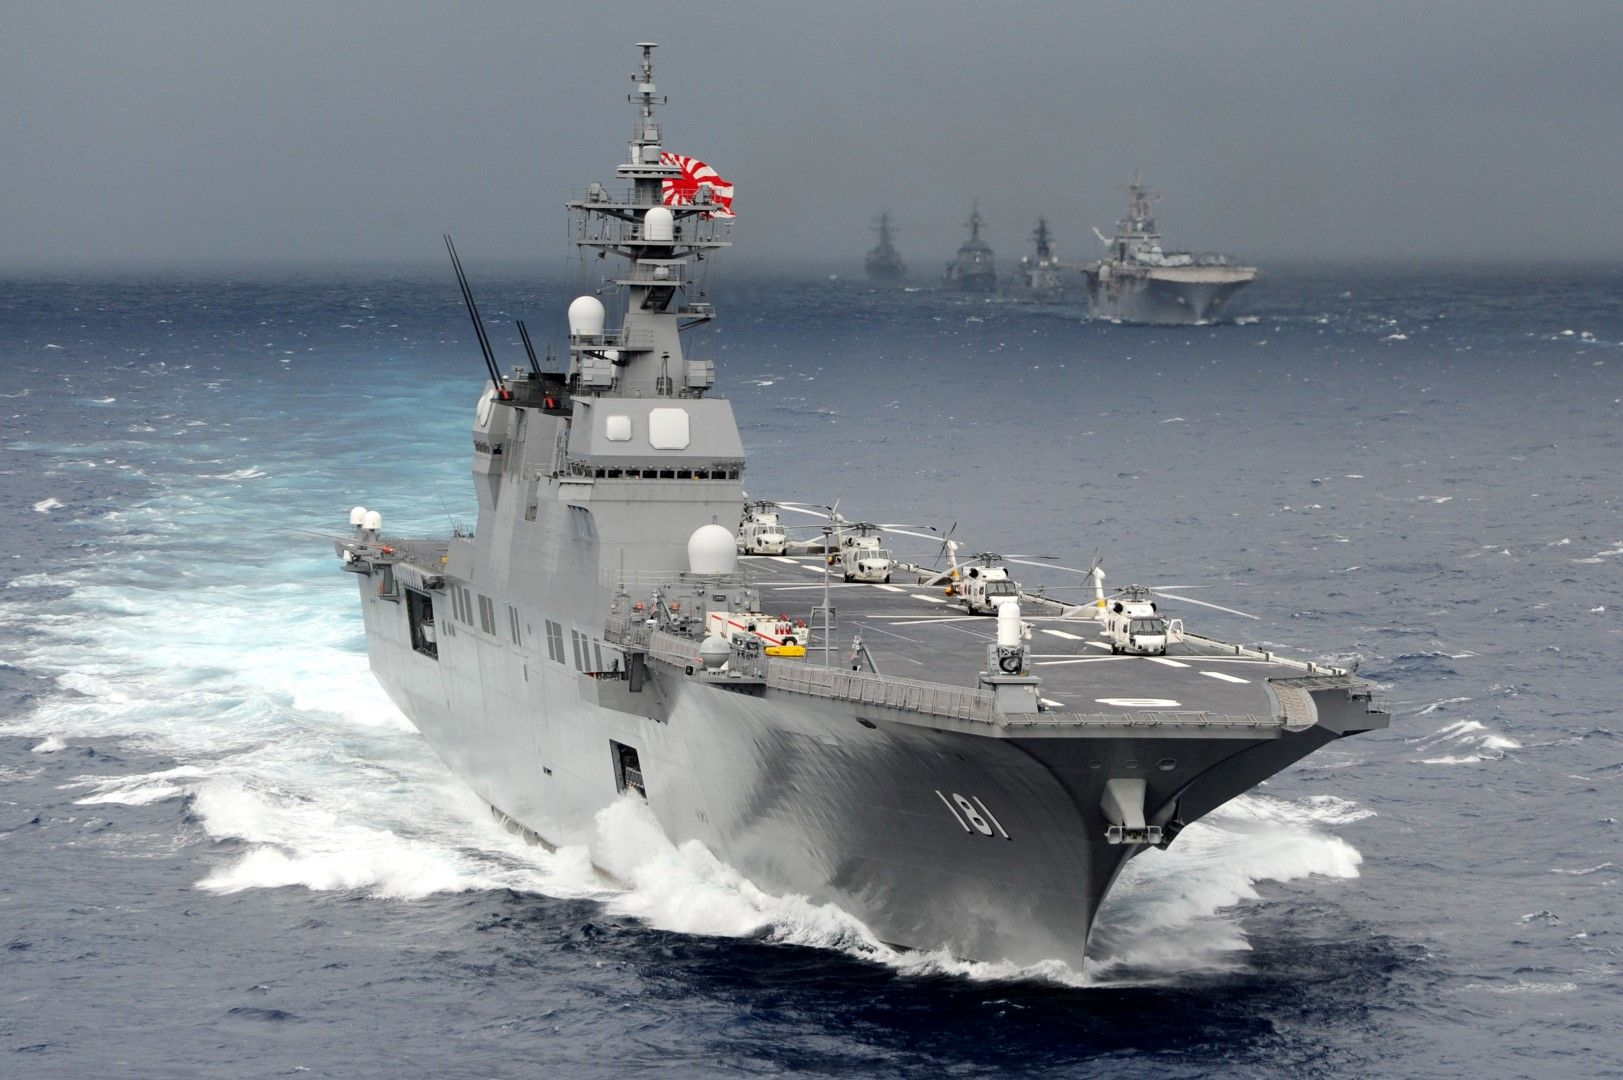 Japón envía su mayor portahelicópteros para proteger un barco de EE.UU. – Galaxia Militar